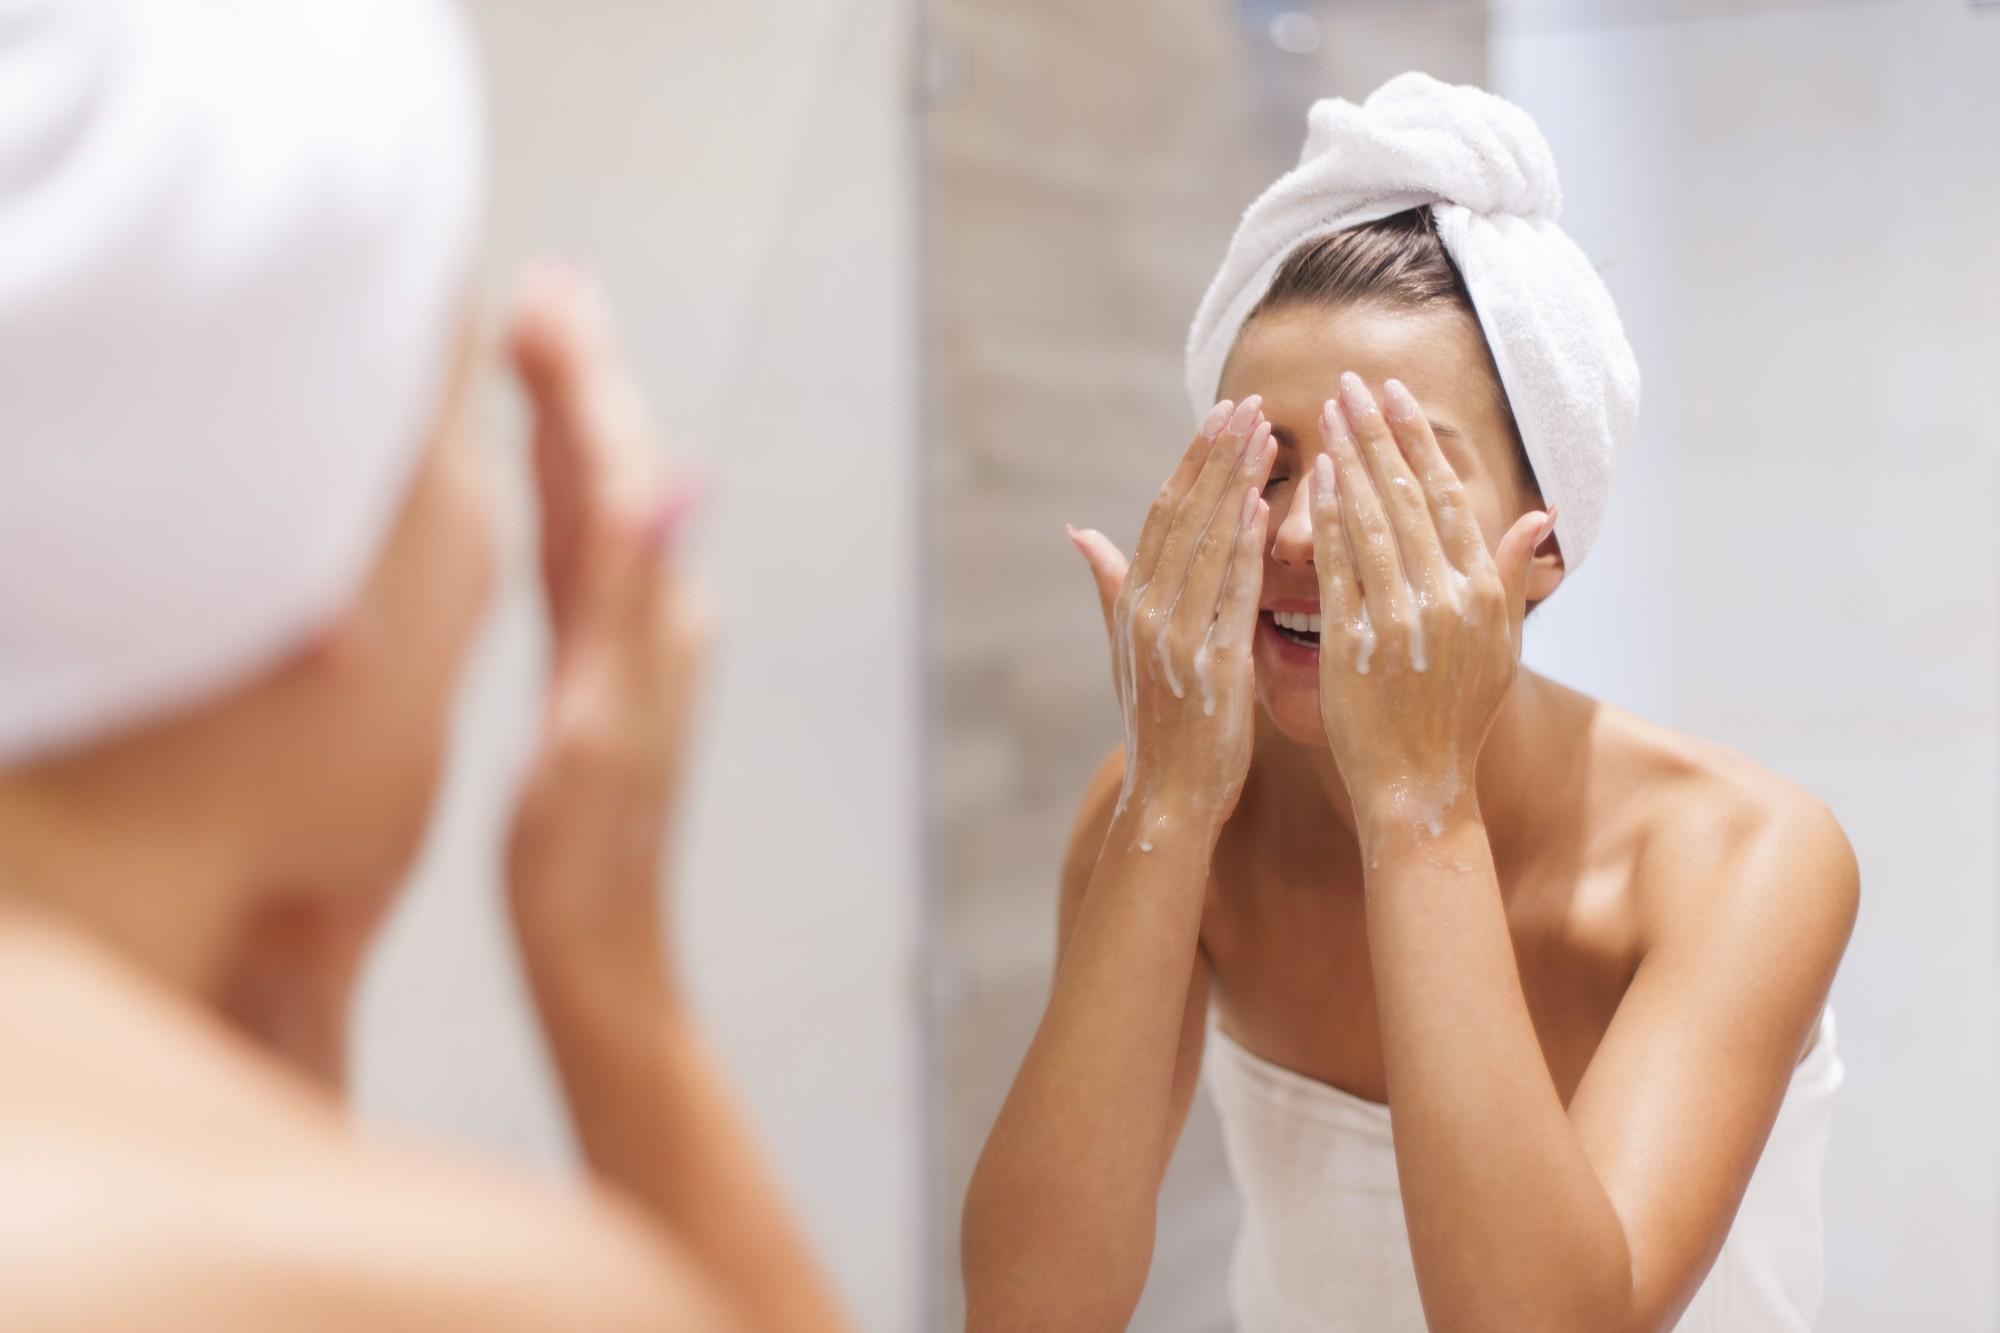 Cuidados com a pele: 8 hábitos diários para uma pele saudável